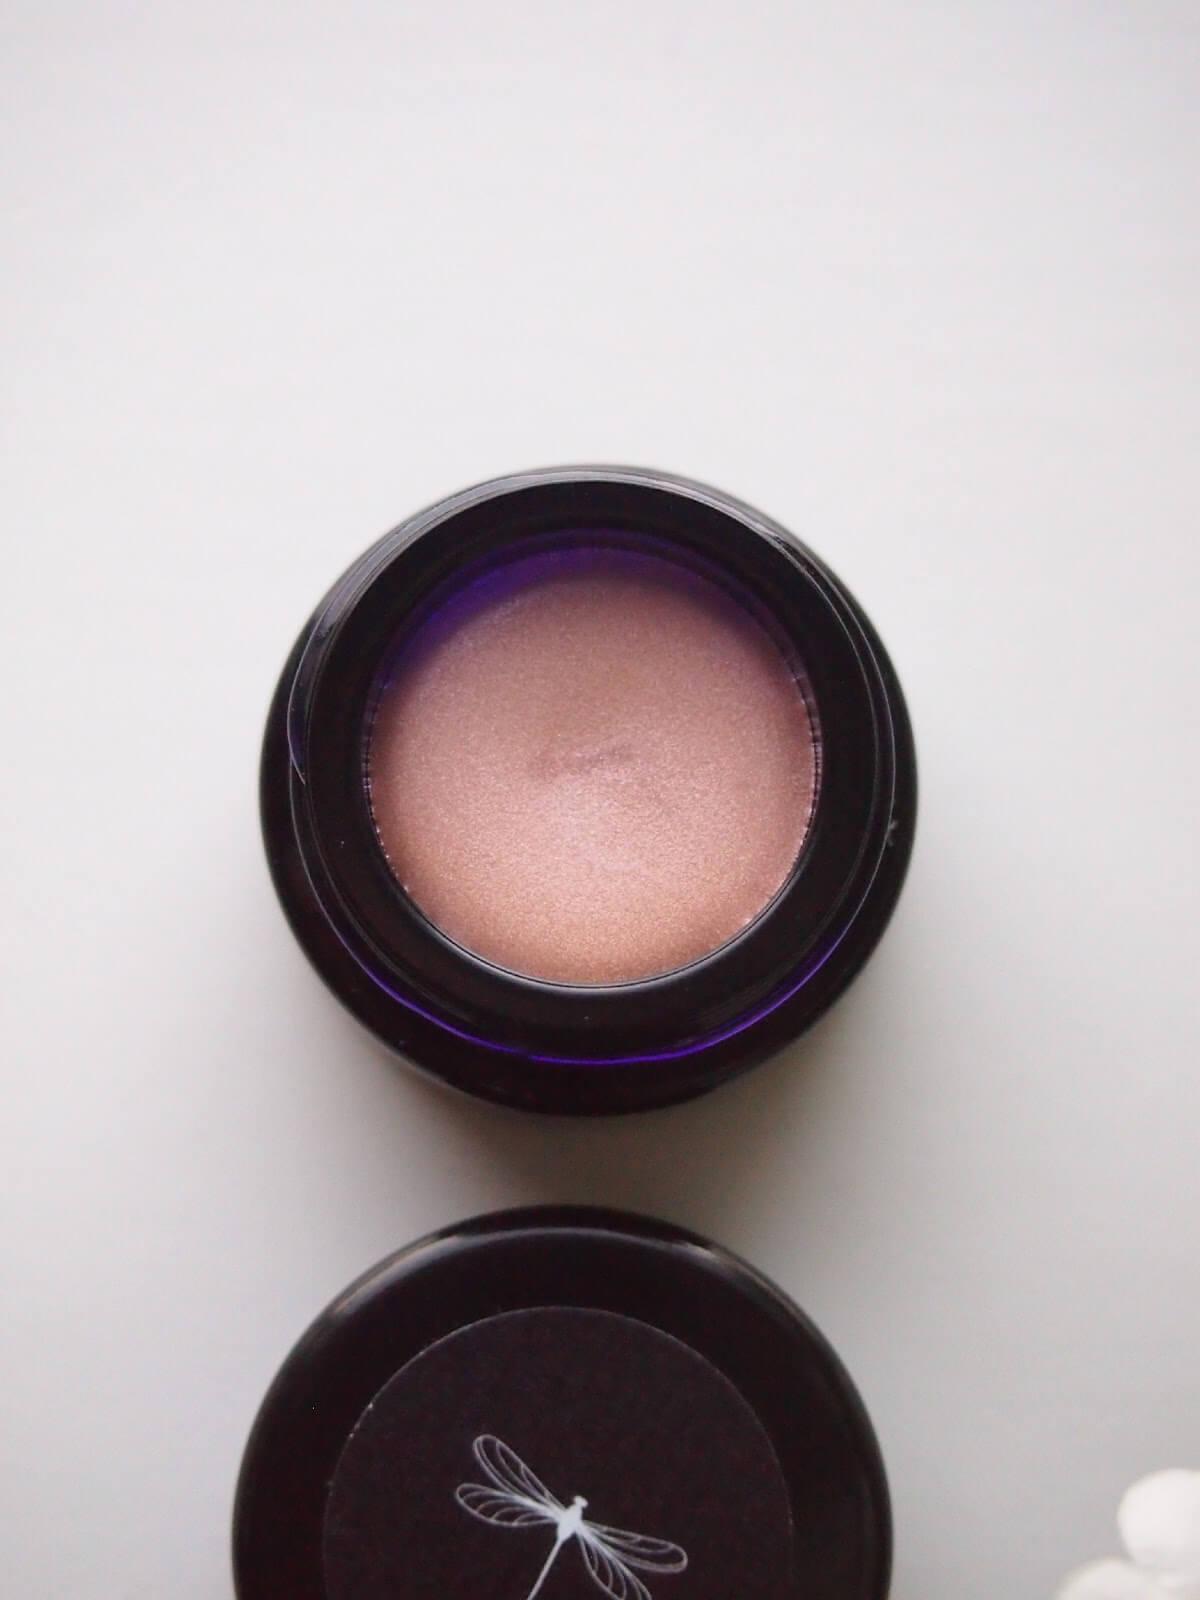 korento rose quartz highlighter